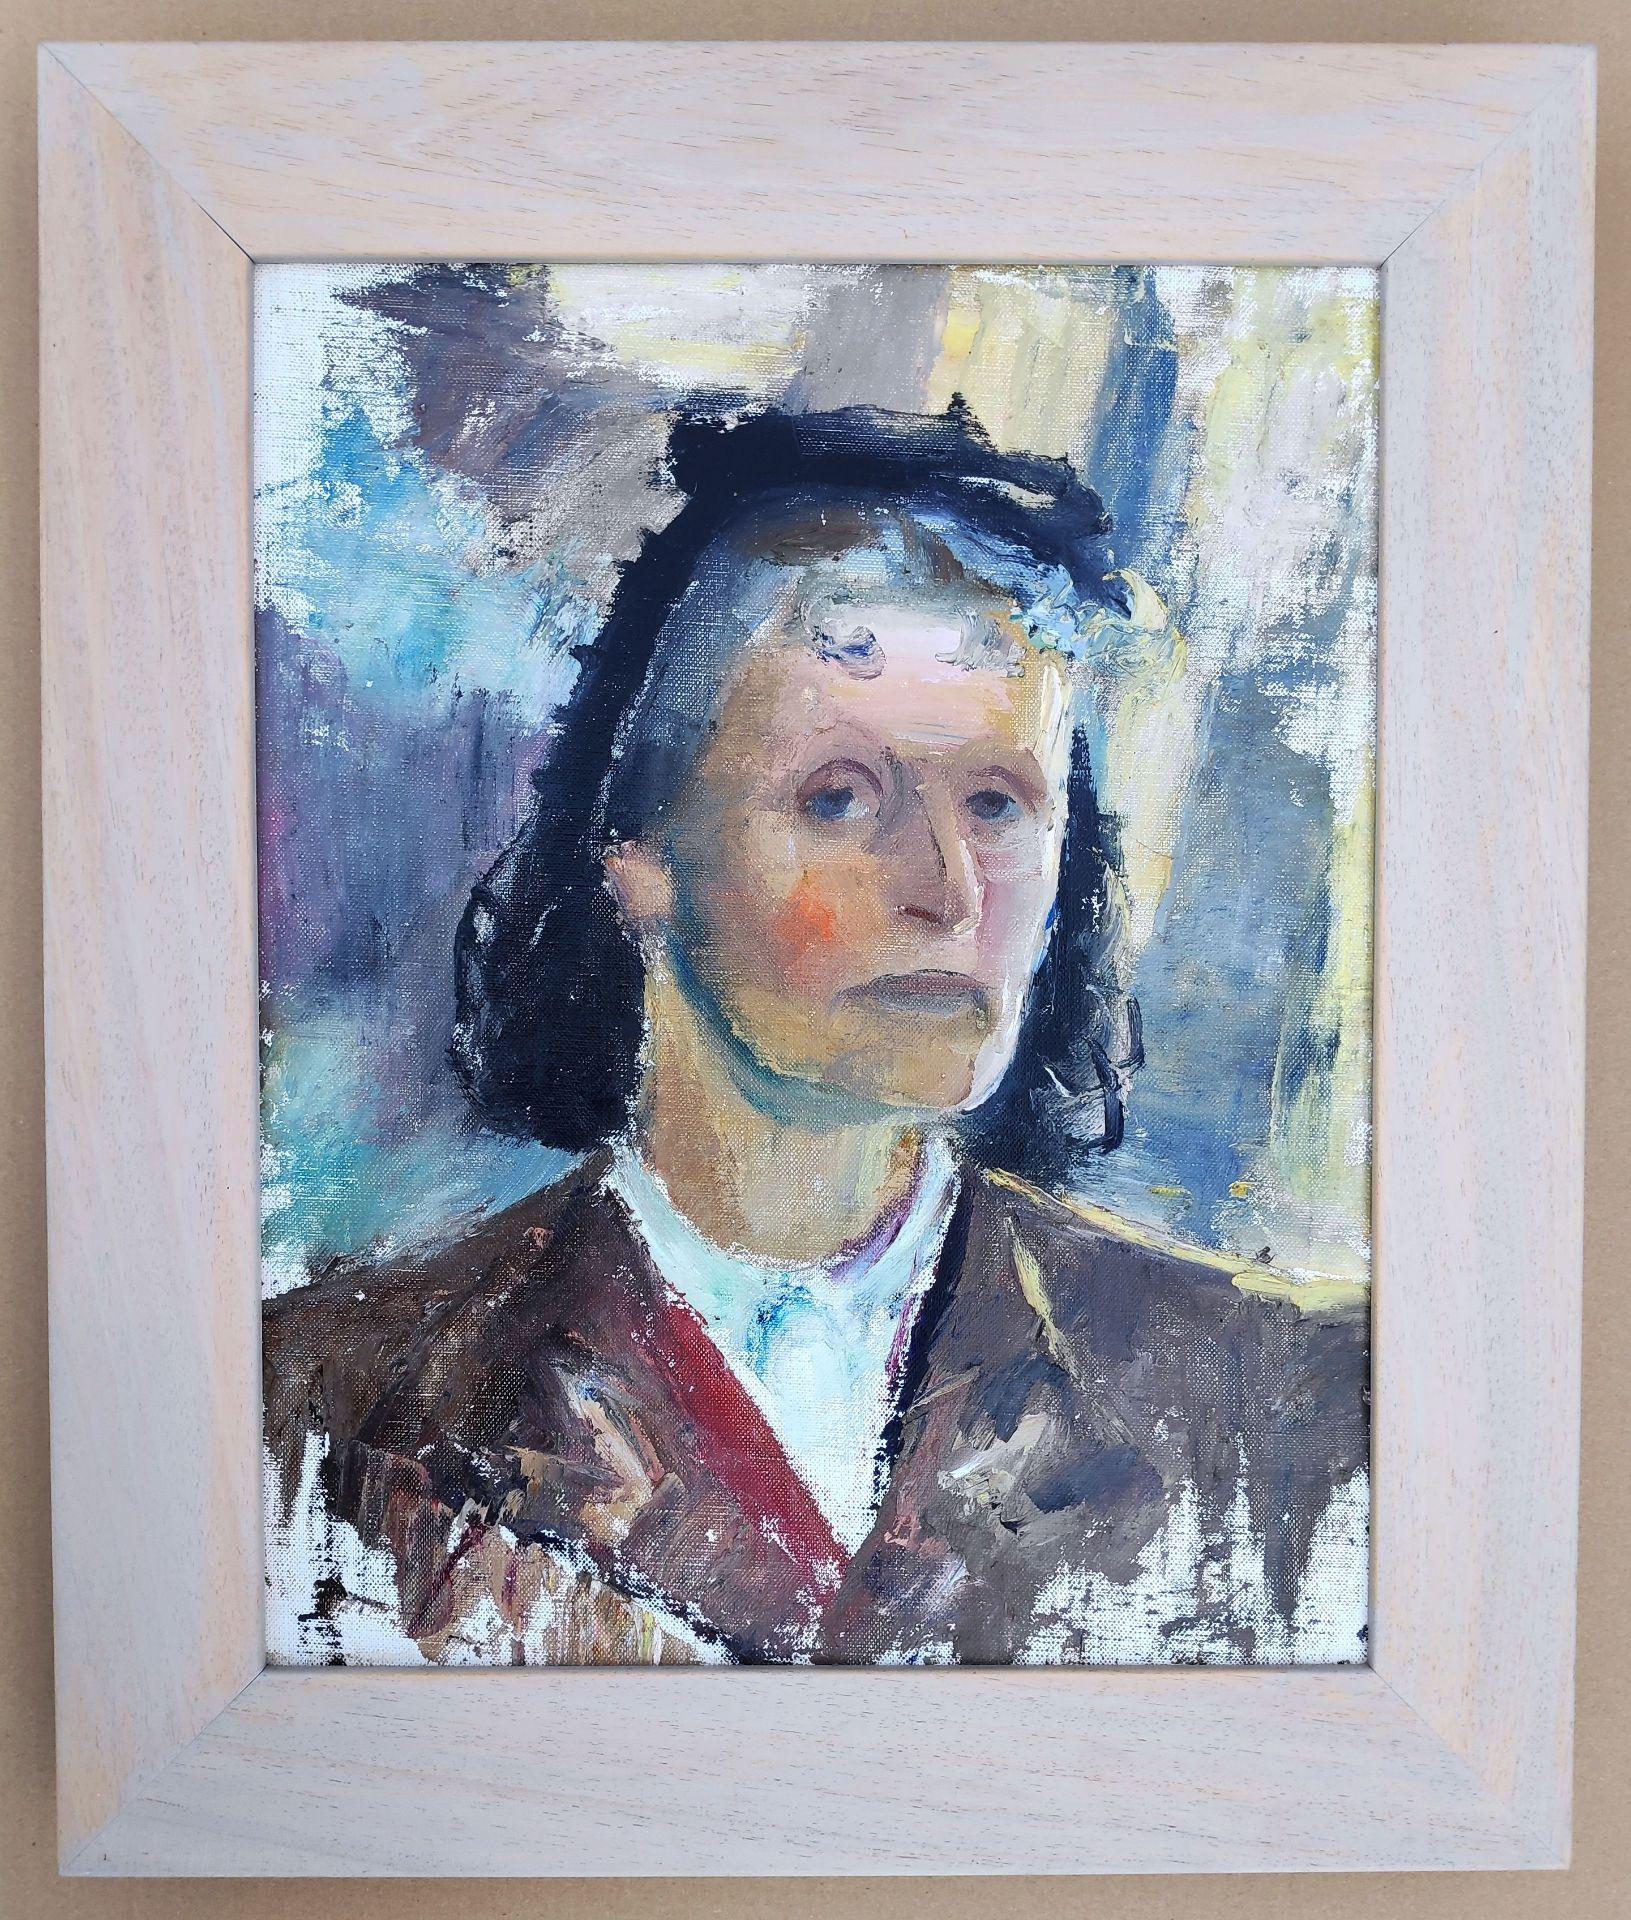 """Holtz-Sommer, Hedwig (1901 Berlin – 1970 Wustrow) """"Selbstportrait"""" - Bild 2 aus 2"""